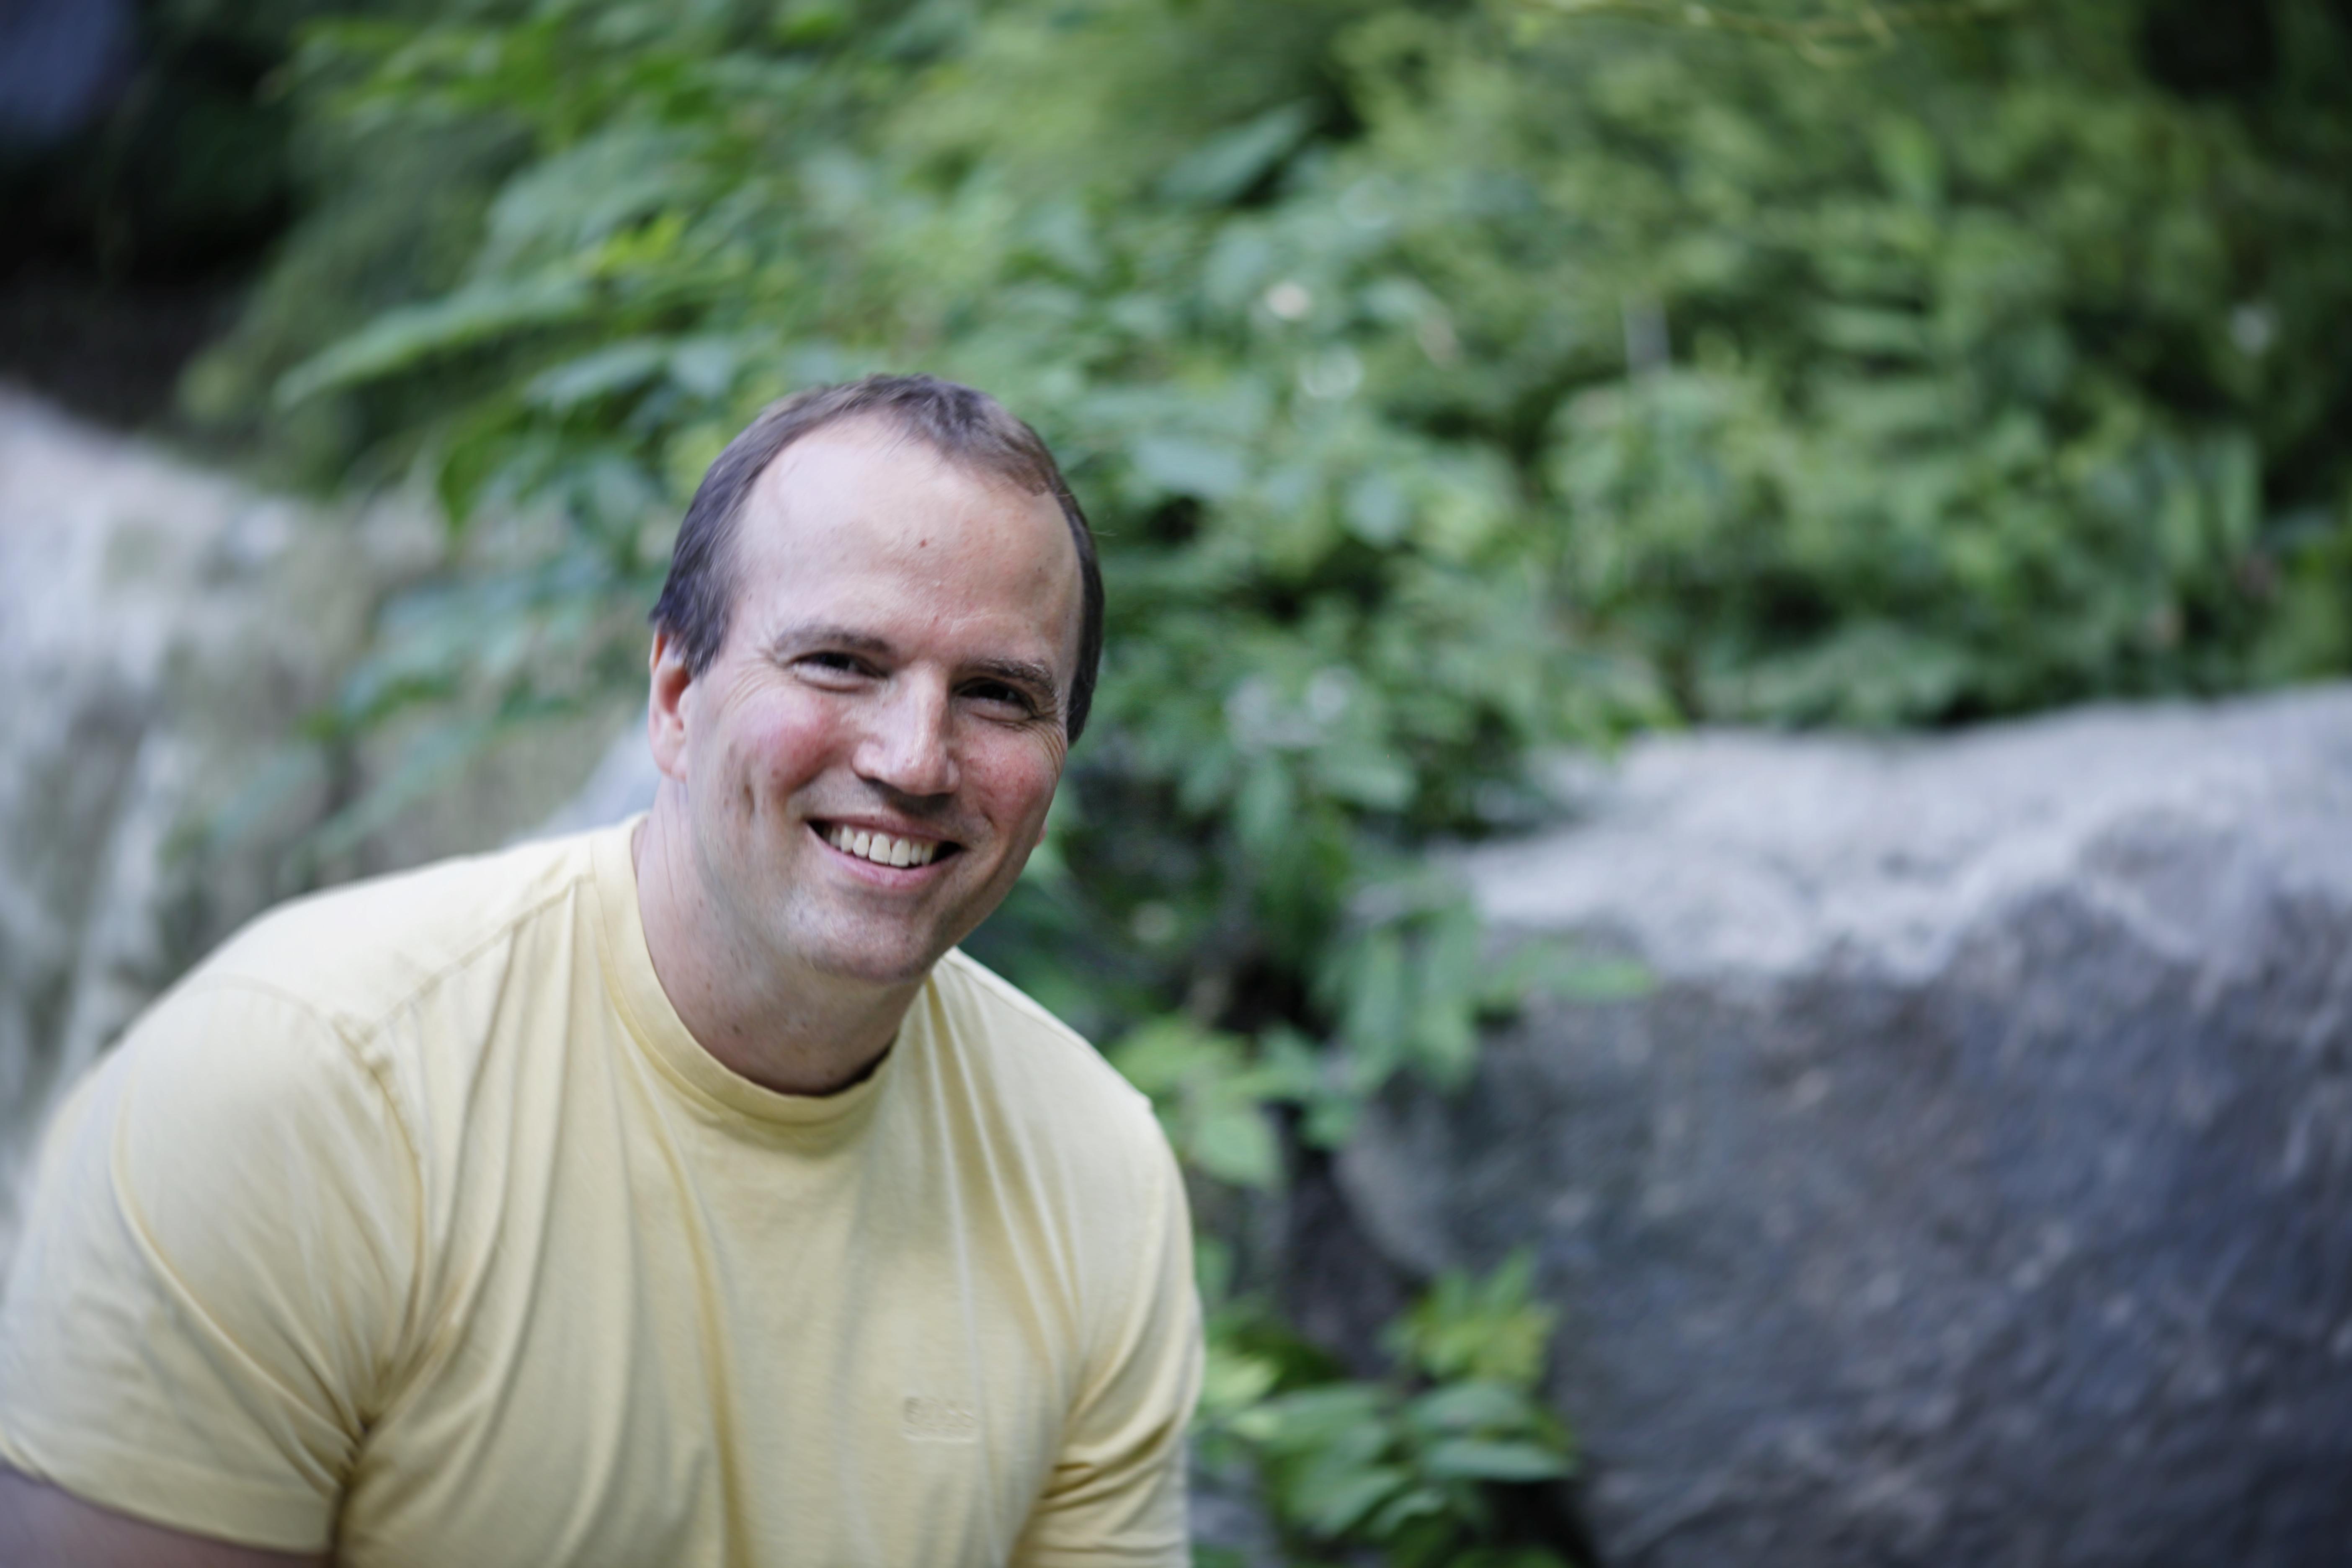 John Biggs owner of Optimum Health Vitamins